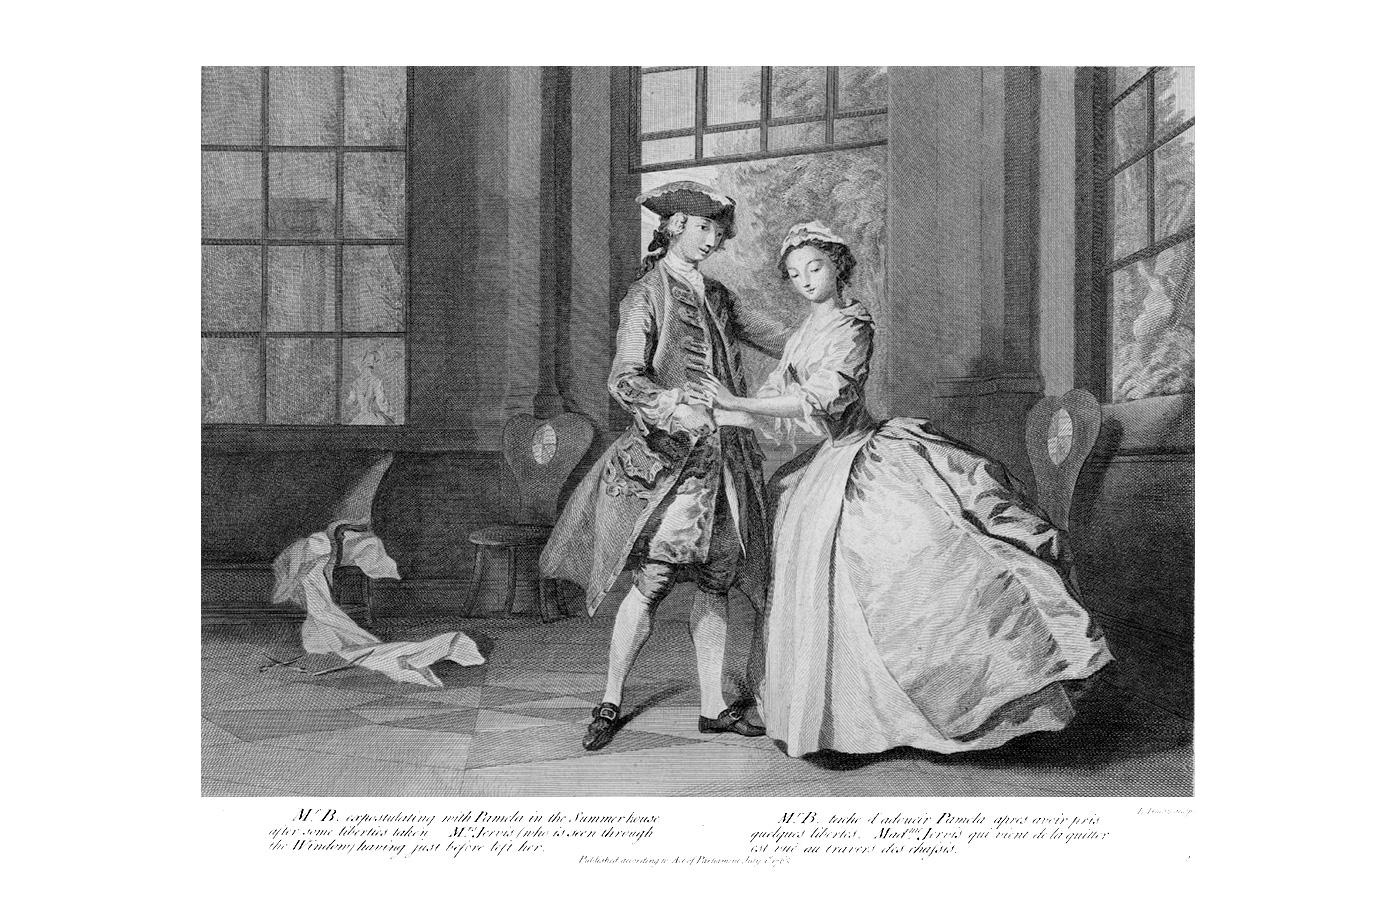 Иллюстрация Джозефа Хаймора к книге Сэмюэля Ричардсона «Памела, или Вознагражденная добродетель», 1762